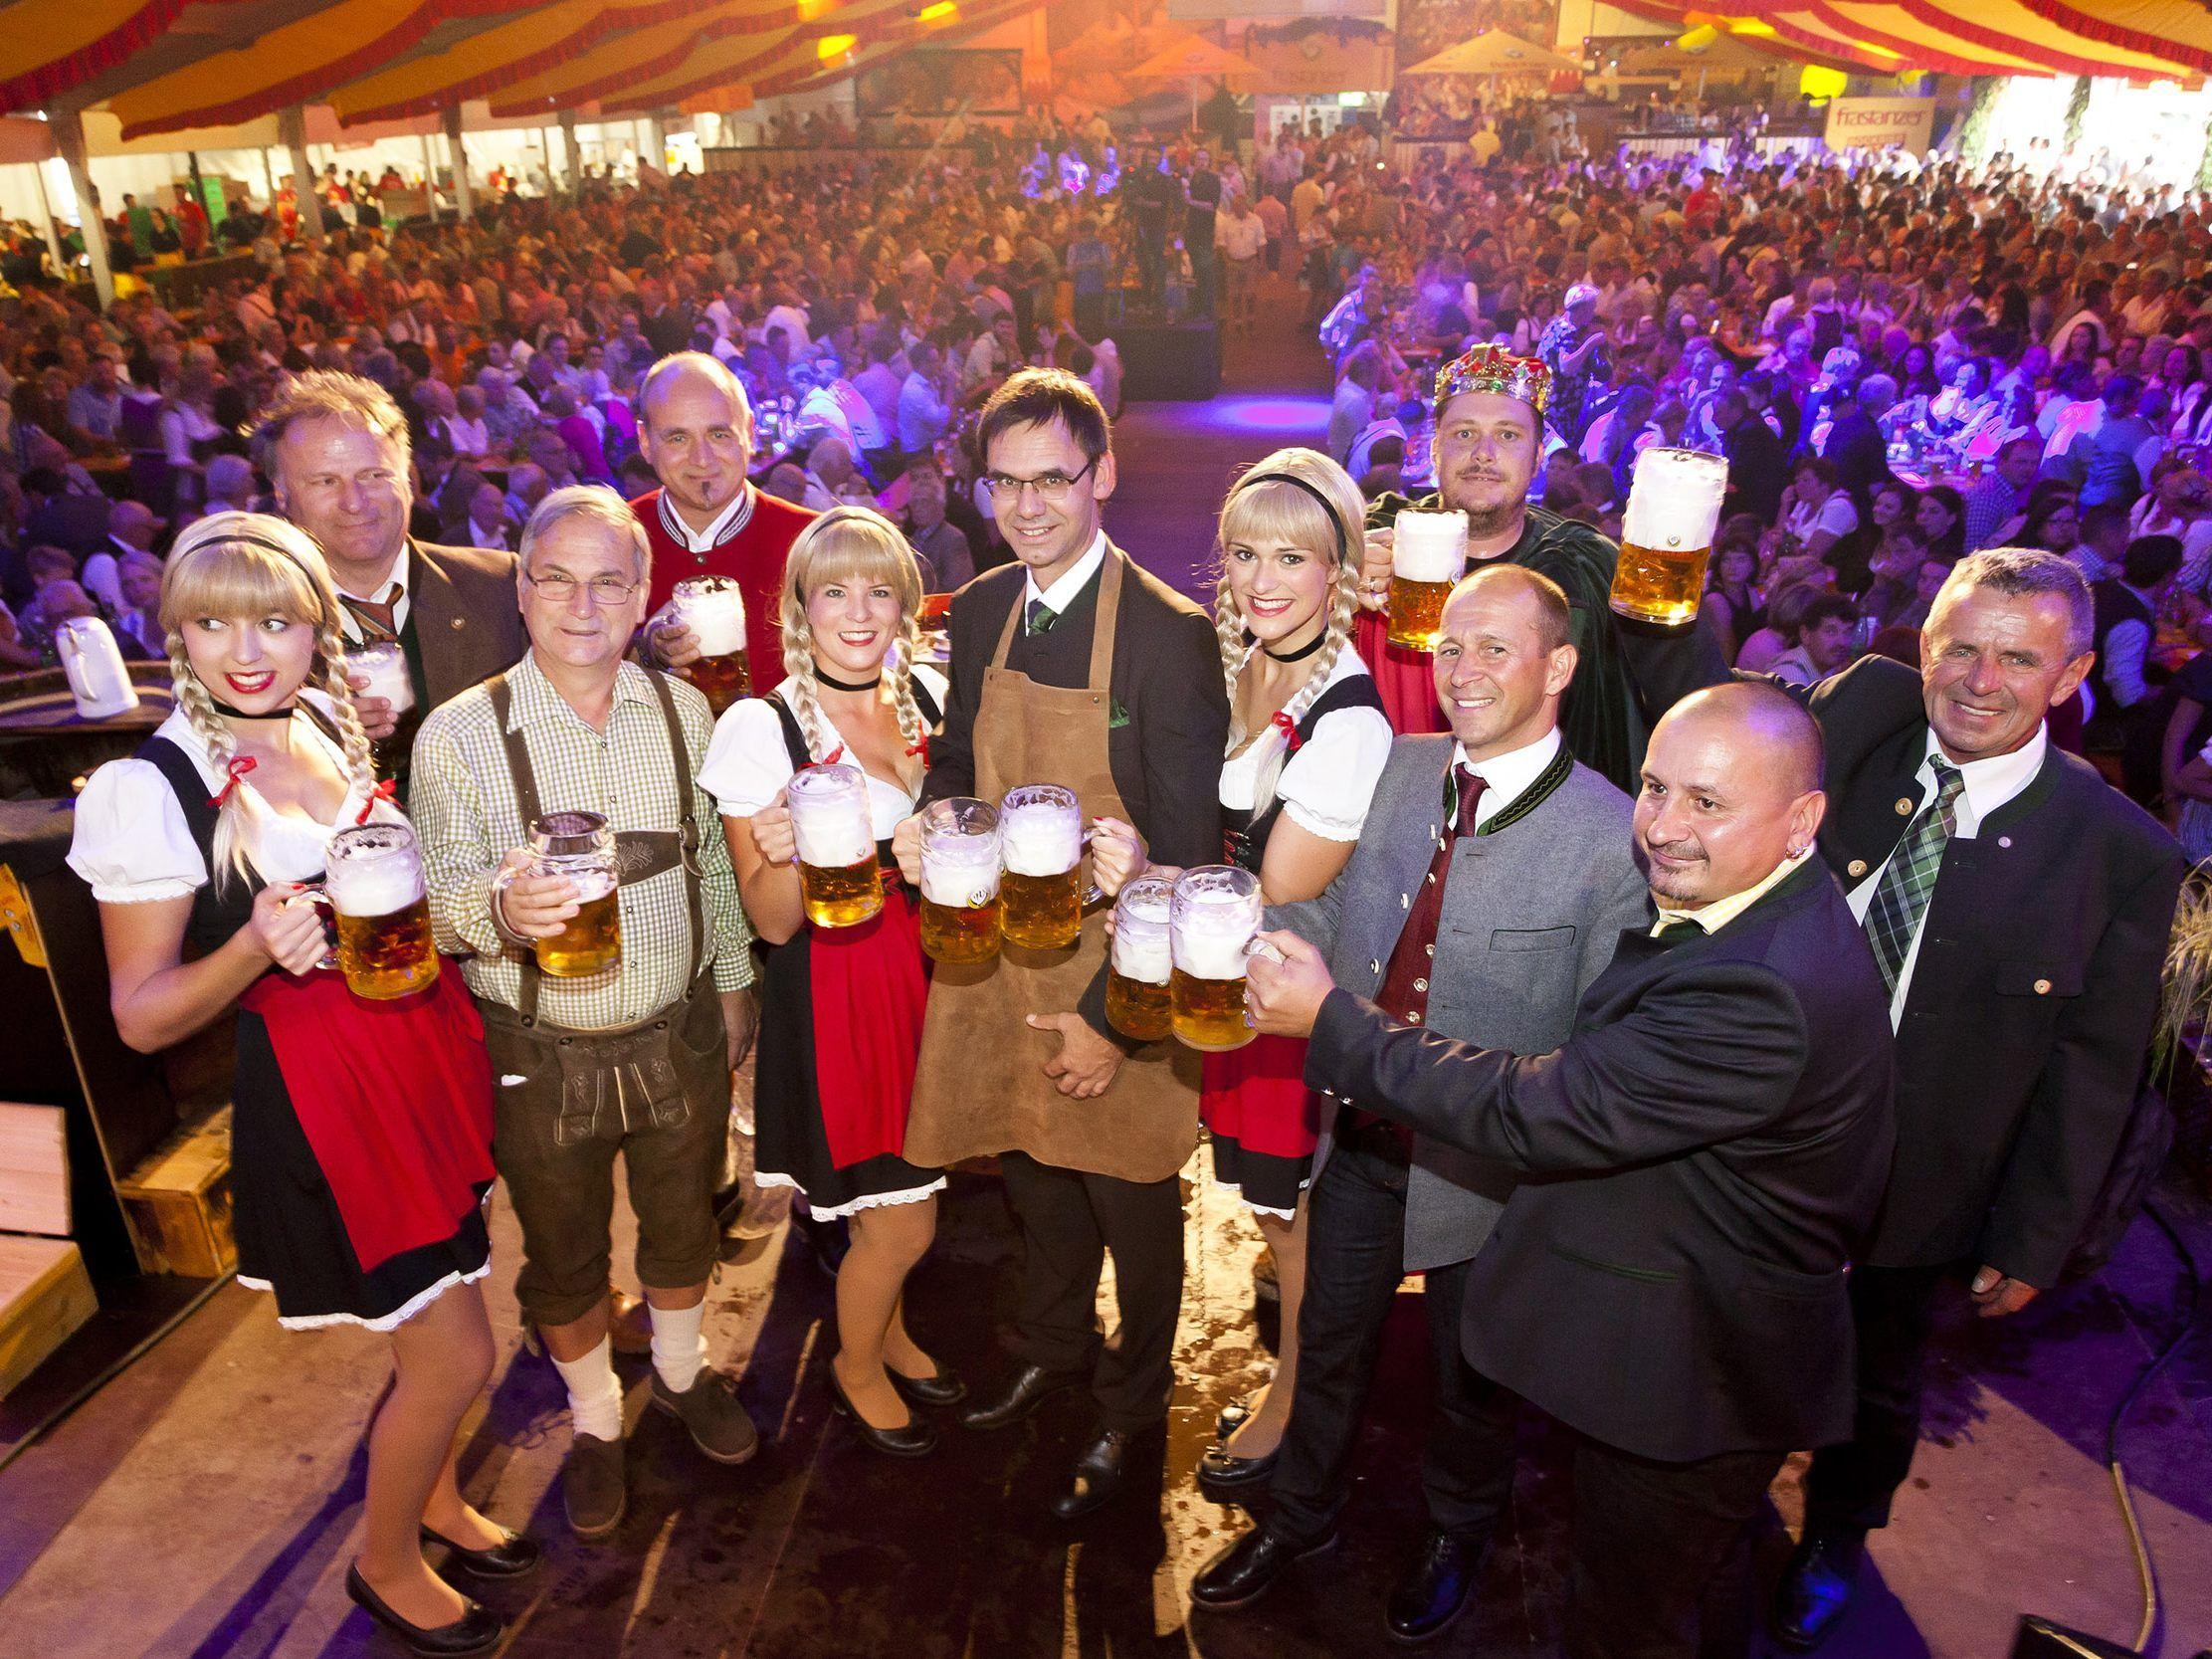 Volles Haus beim Bockbierfest in Frastanz - zarell.com -- VOL